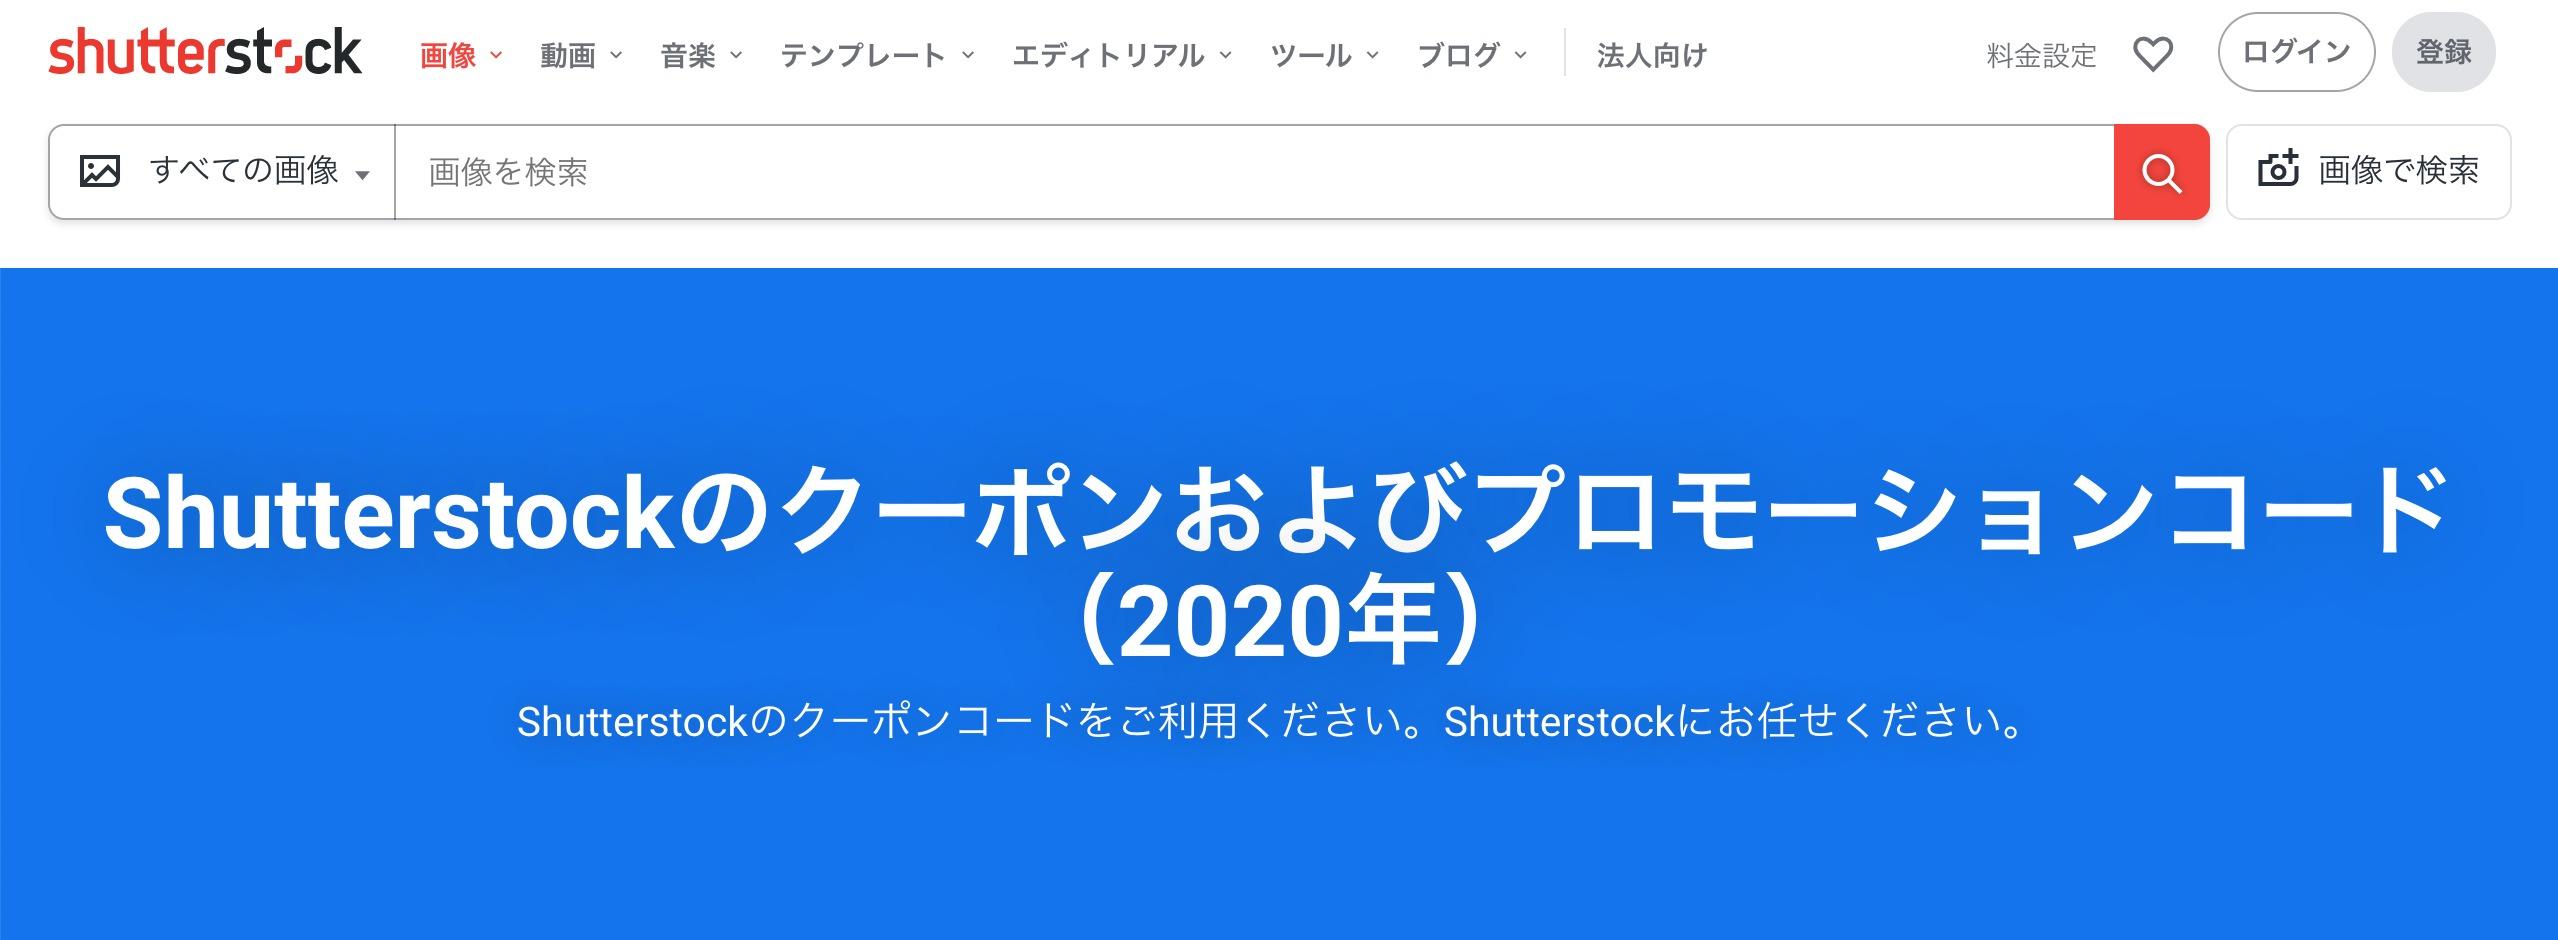 Screenshot 2020 12 18 at 13.41.14